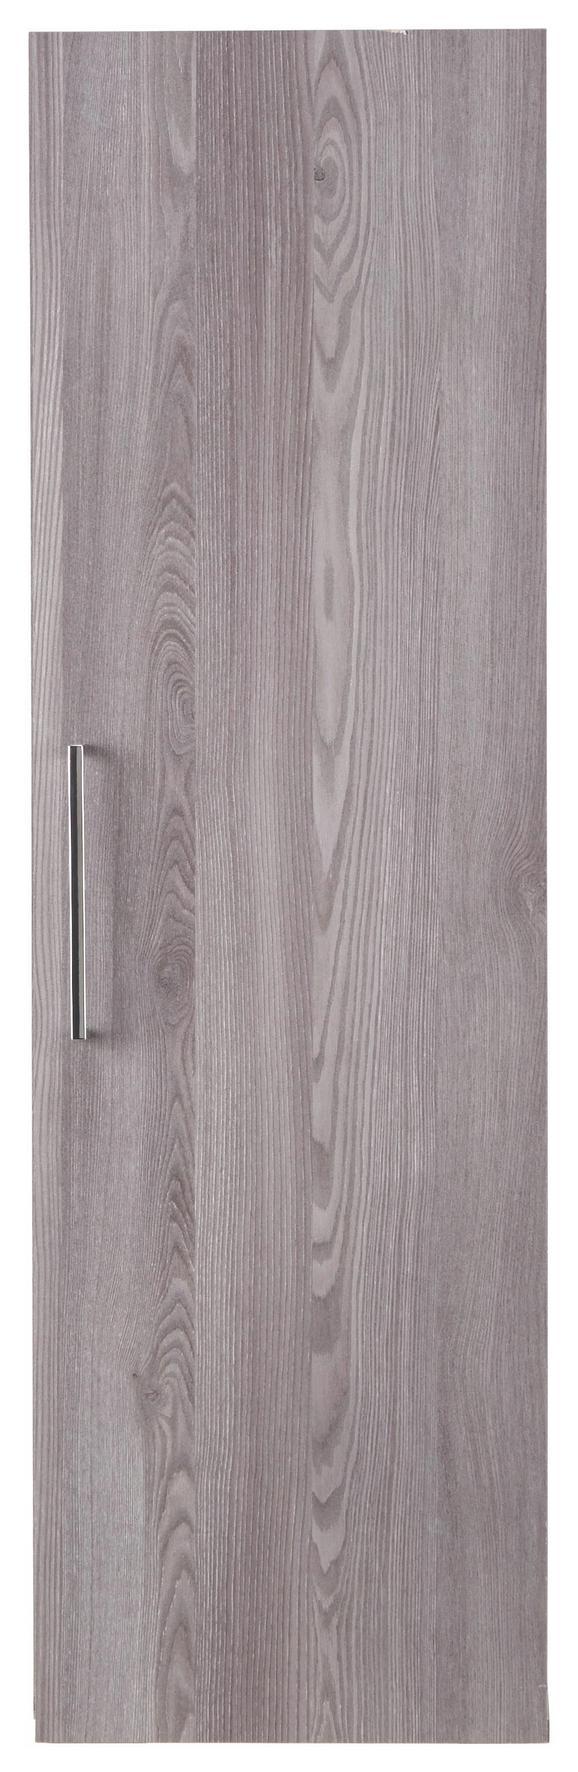 Hängeelement in Grau - Silberfarben, MODERN, Holzwerkstoff/Kunststoff (35/116/35cm) - premium living